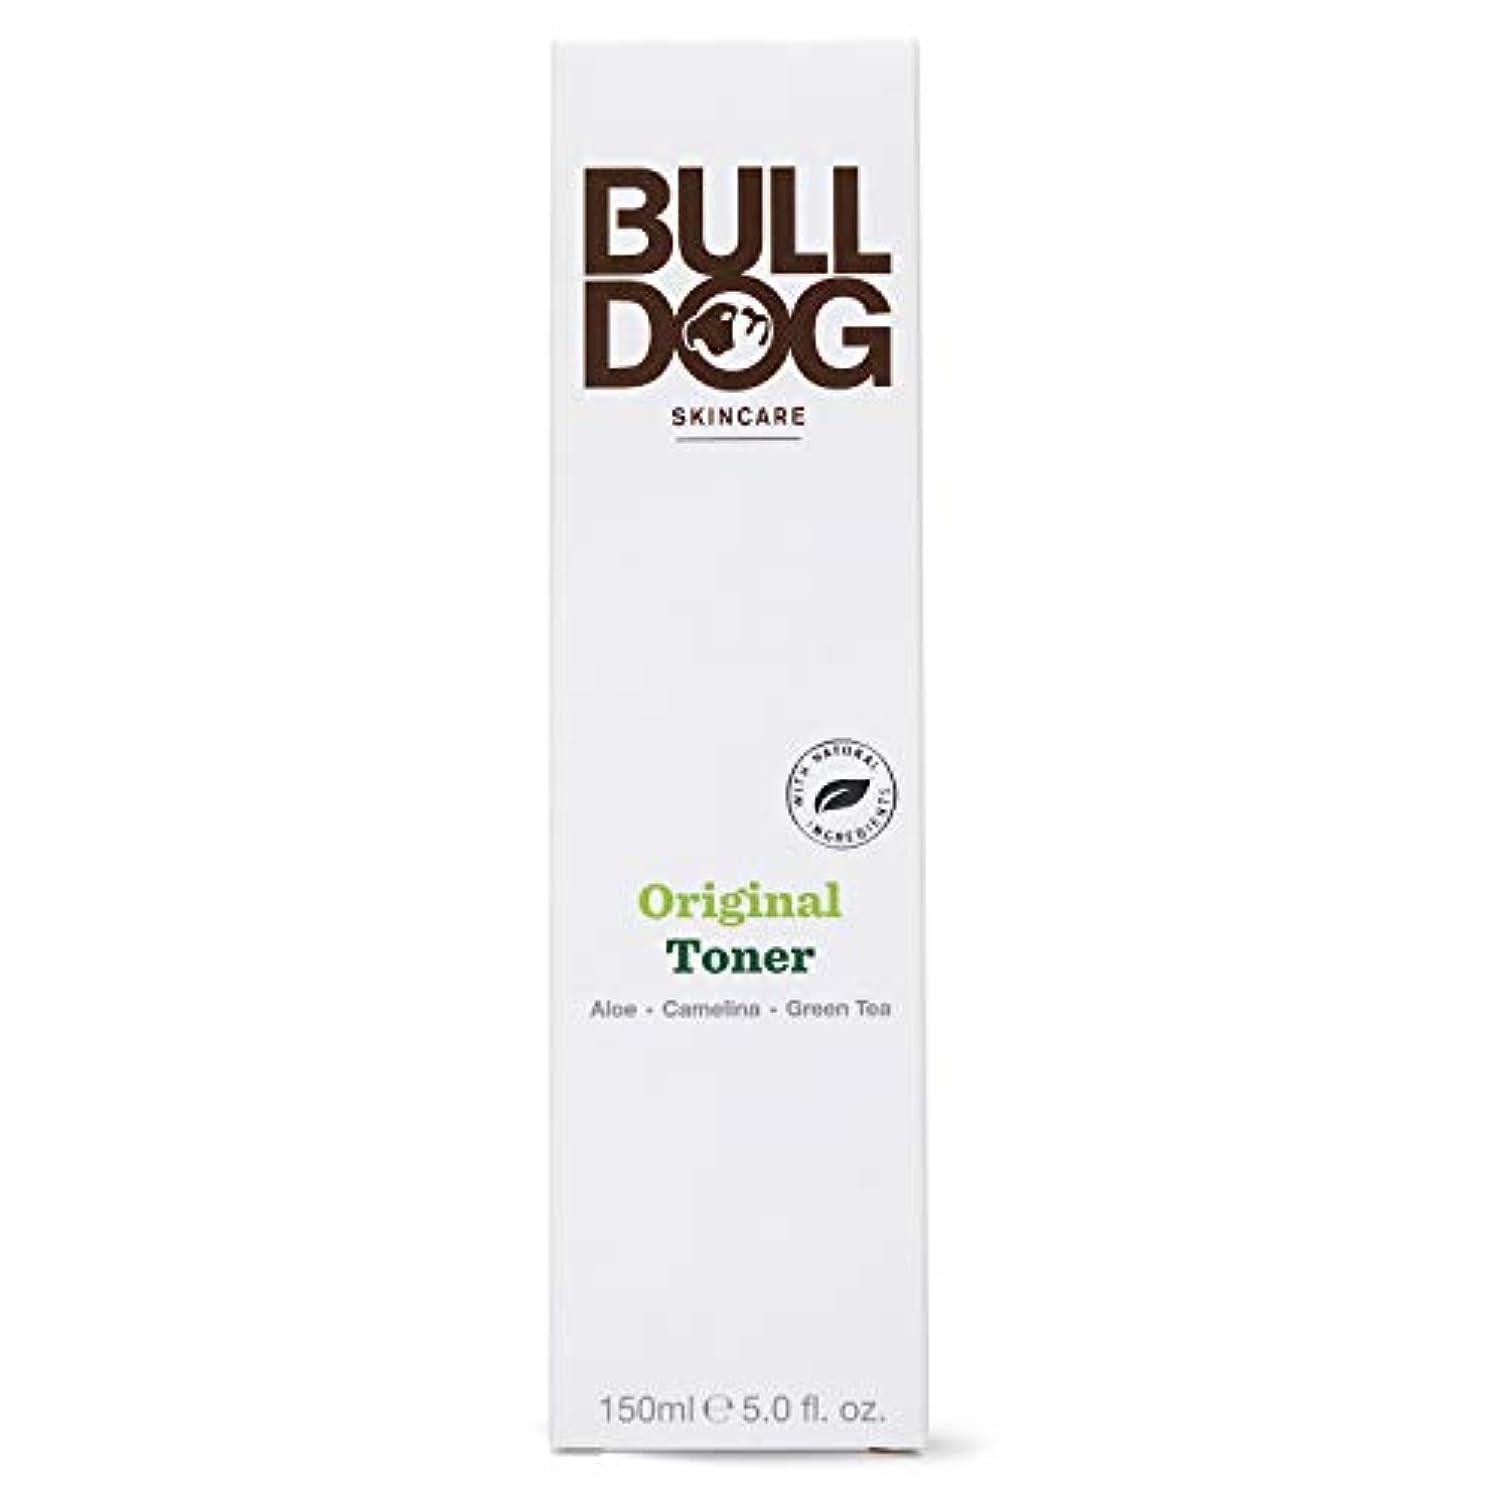 電話をかけるプロフィールトークンBulldog(ブルドッグ) ブルドッグ Bulldog オリジナル トナー 化粧水 150ml 肌をすっきり なめらかに